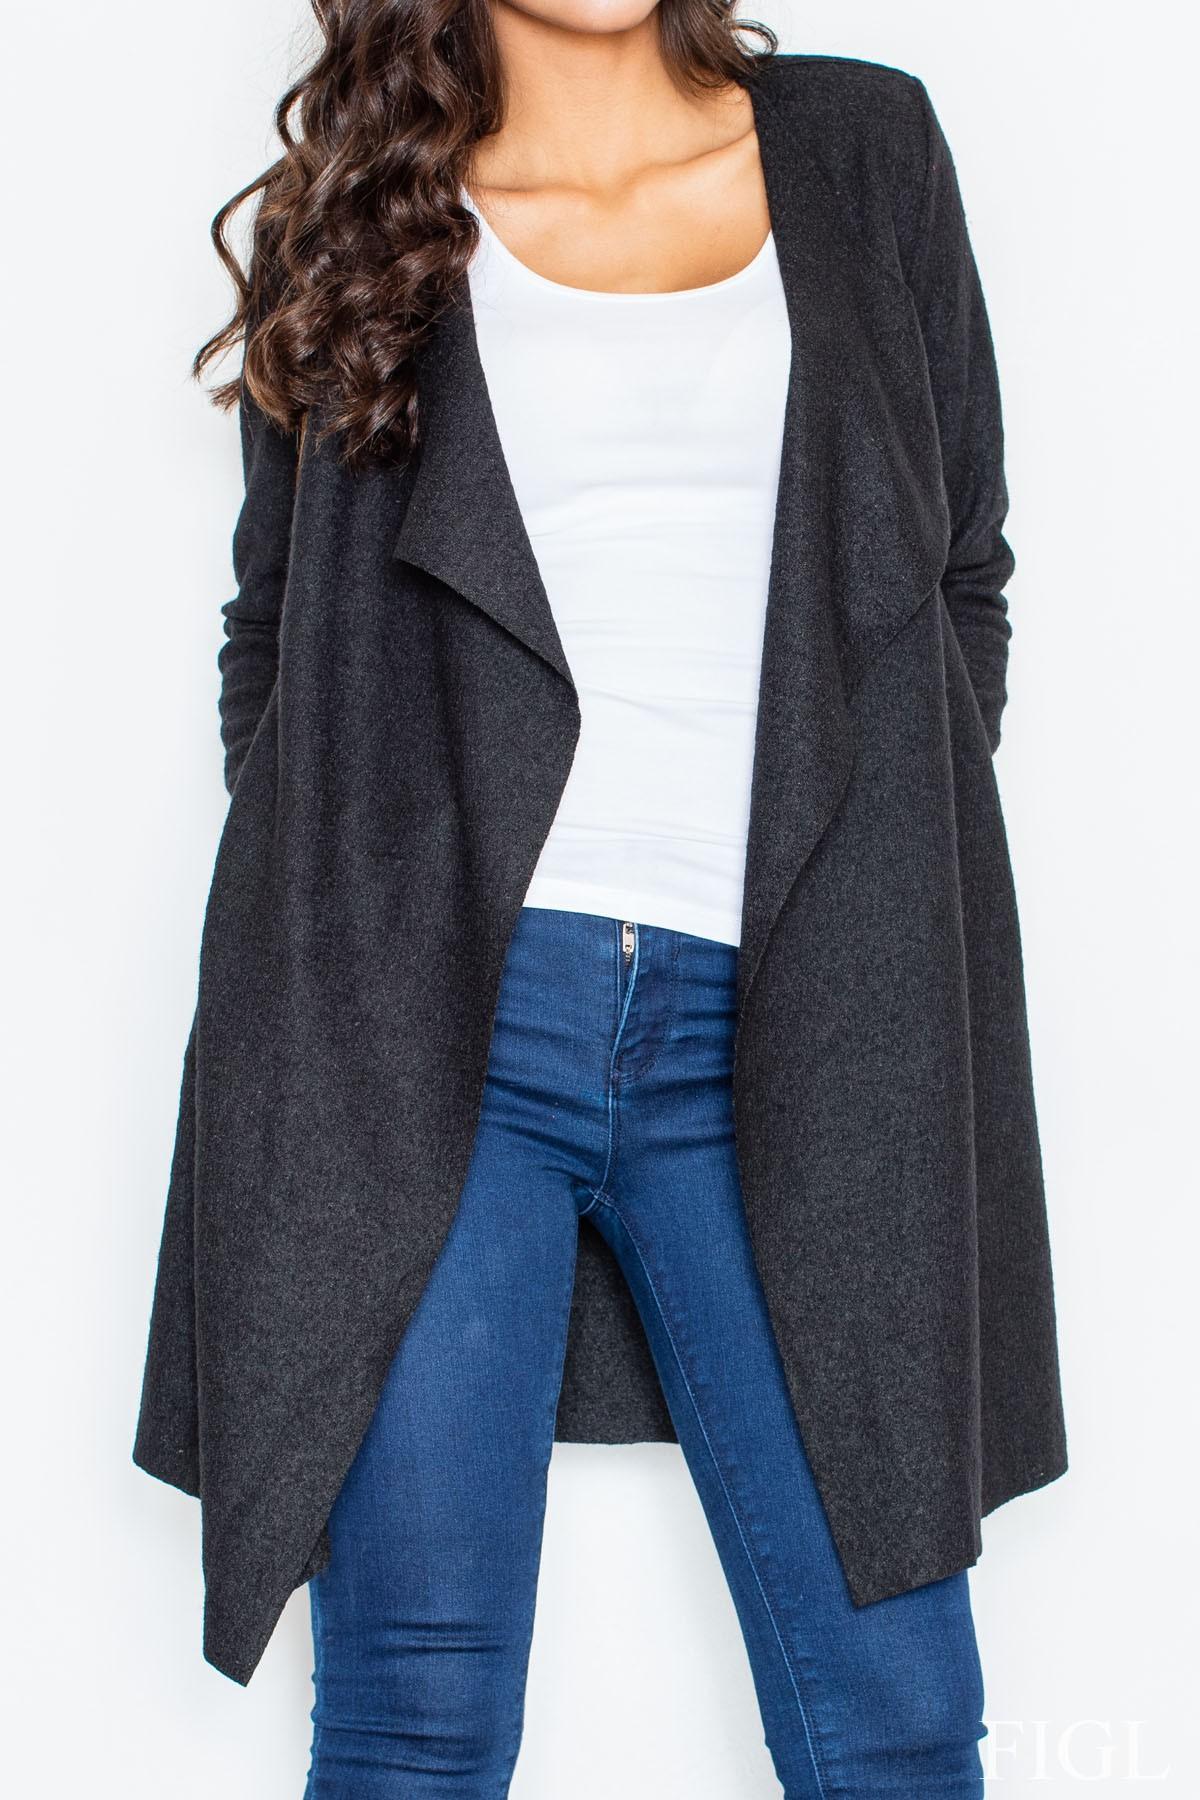 Dlouhý vlněný plášť, dlouhý vlněný svetr, Figl